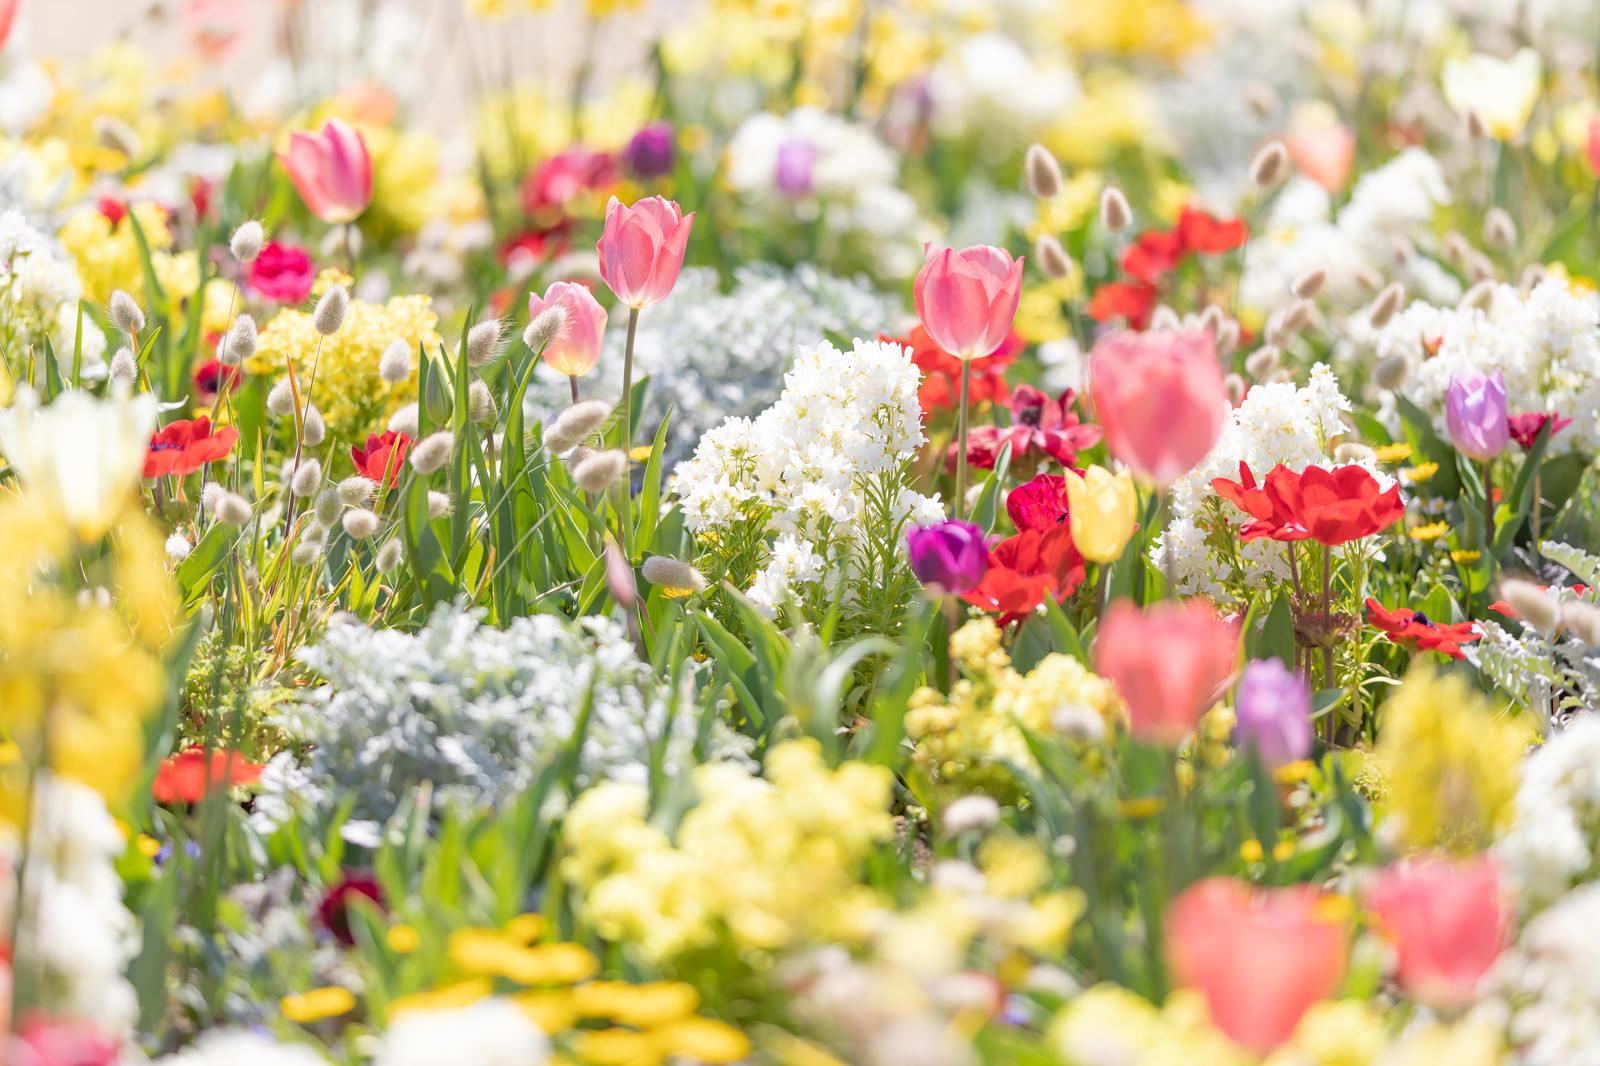 「春爛漫の花壇」の写真